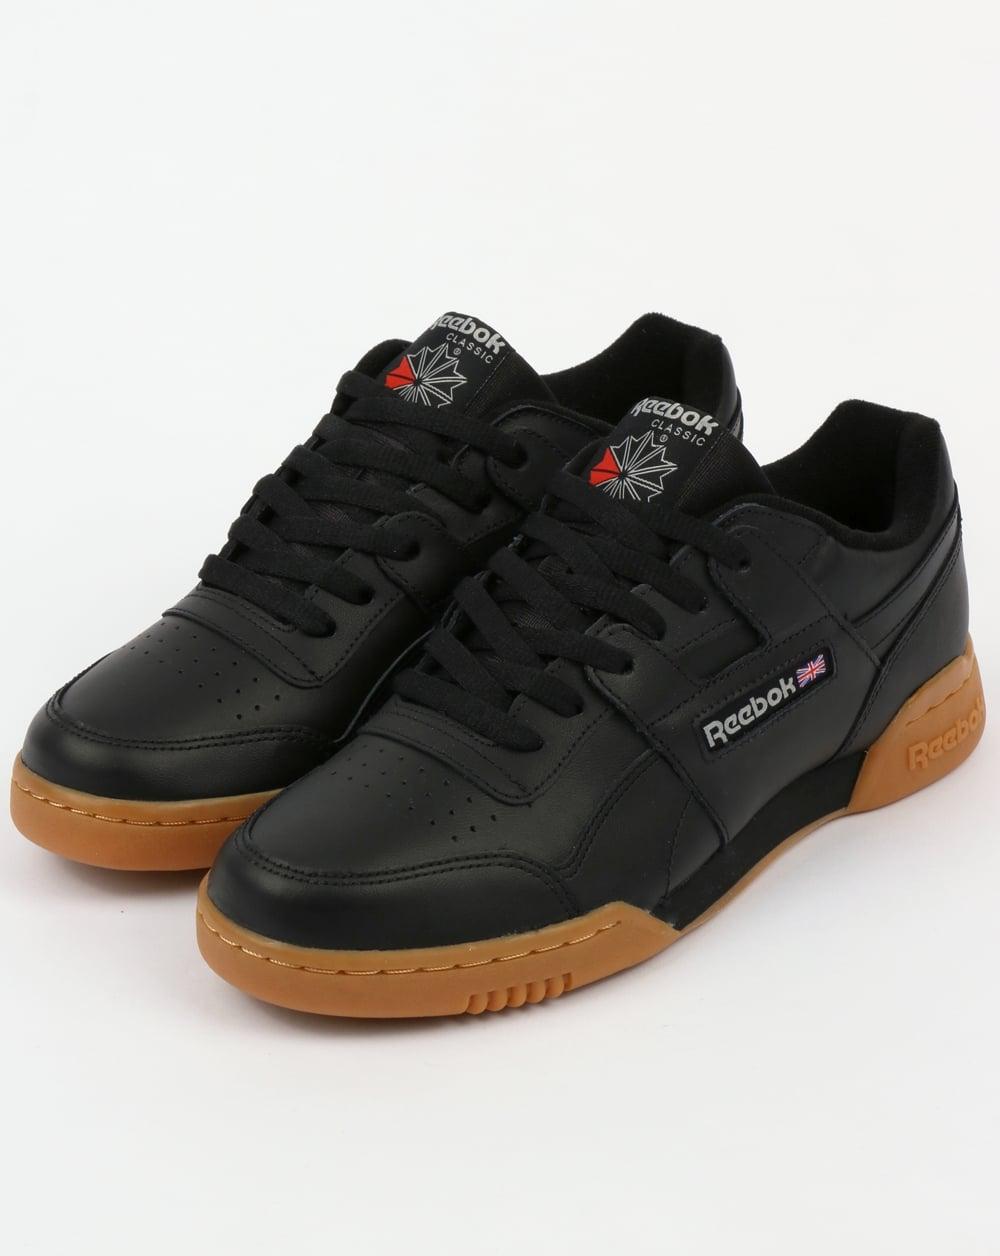 cheap price autumn shoes 2019 wholesale price Reebok Workout Plus Trainers Black/Carbon/Gum